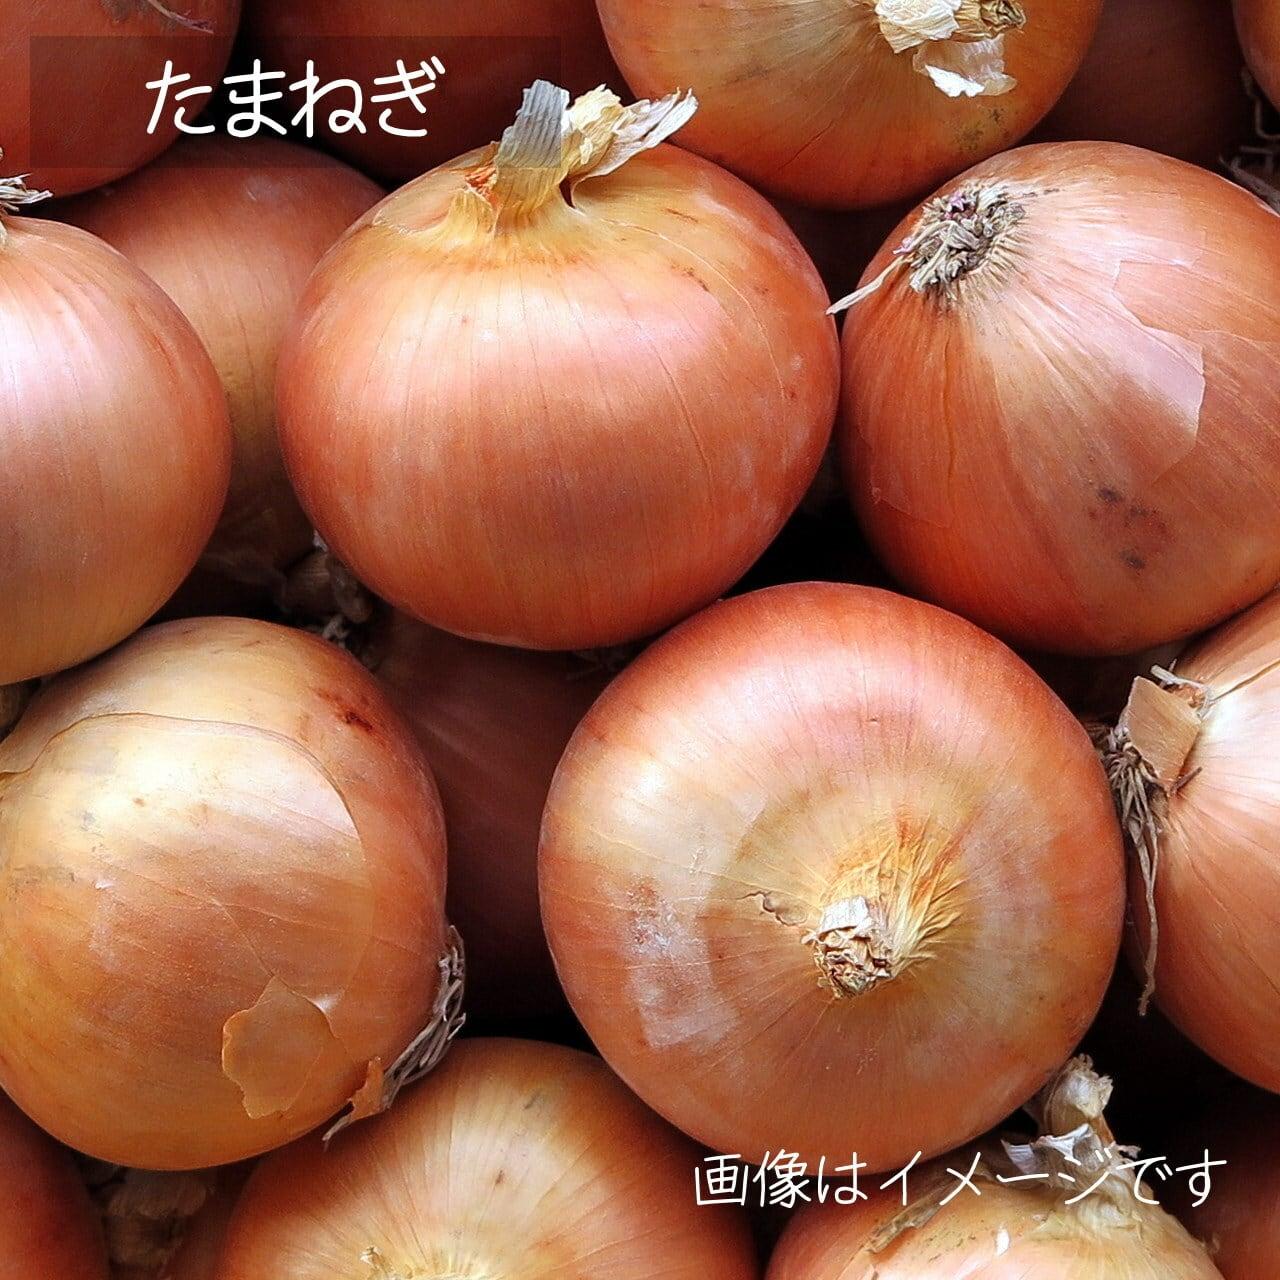 春の新鮮野菜 たまねぎ 4~5個: 5月の朝採り直売野菜 5月29日発送予定